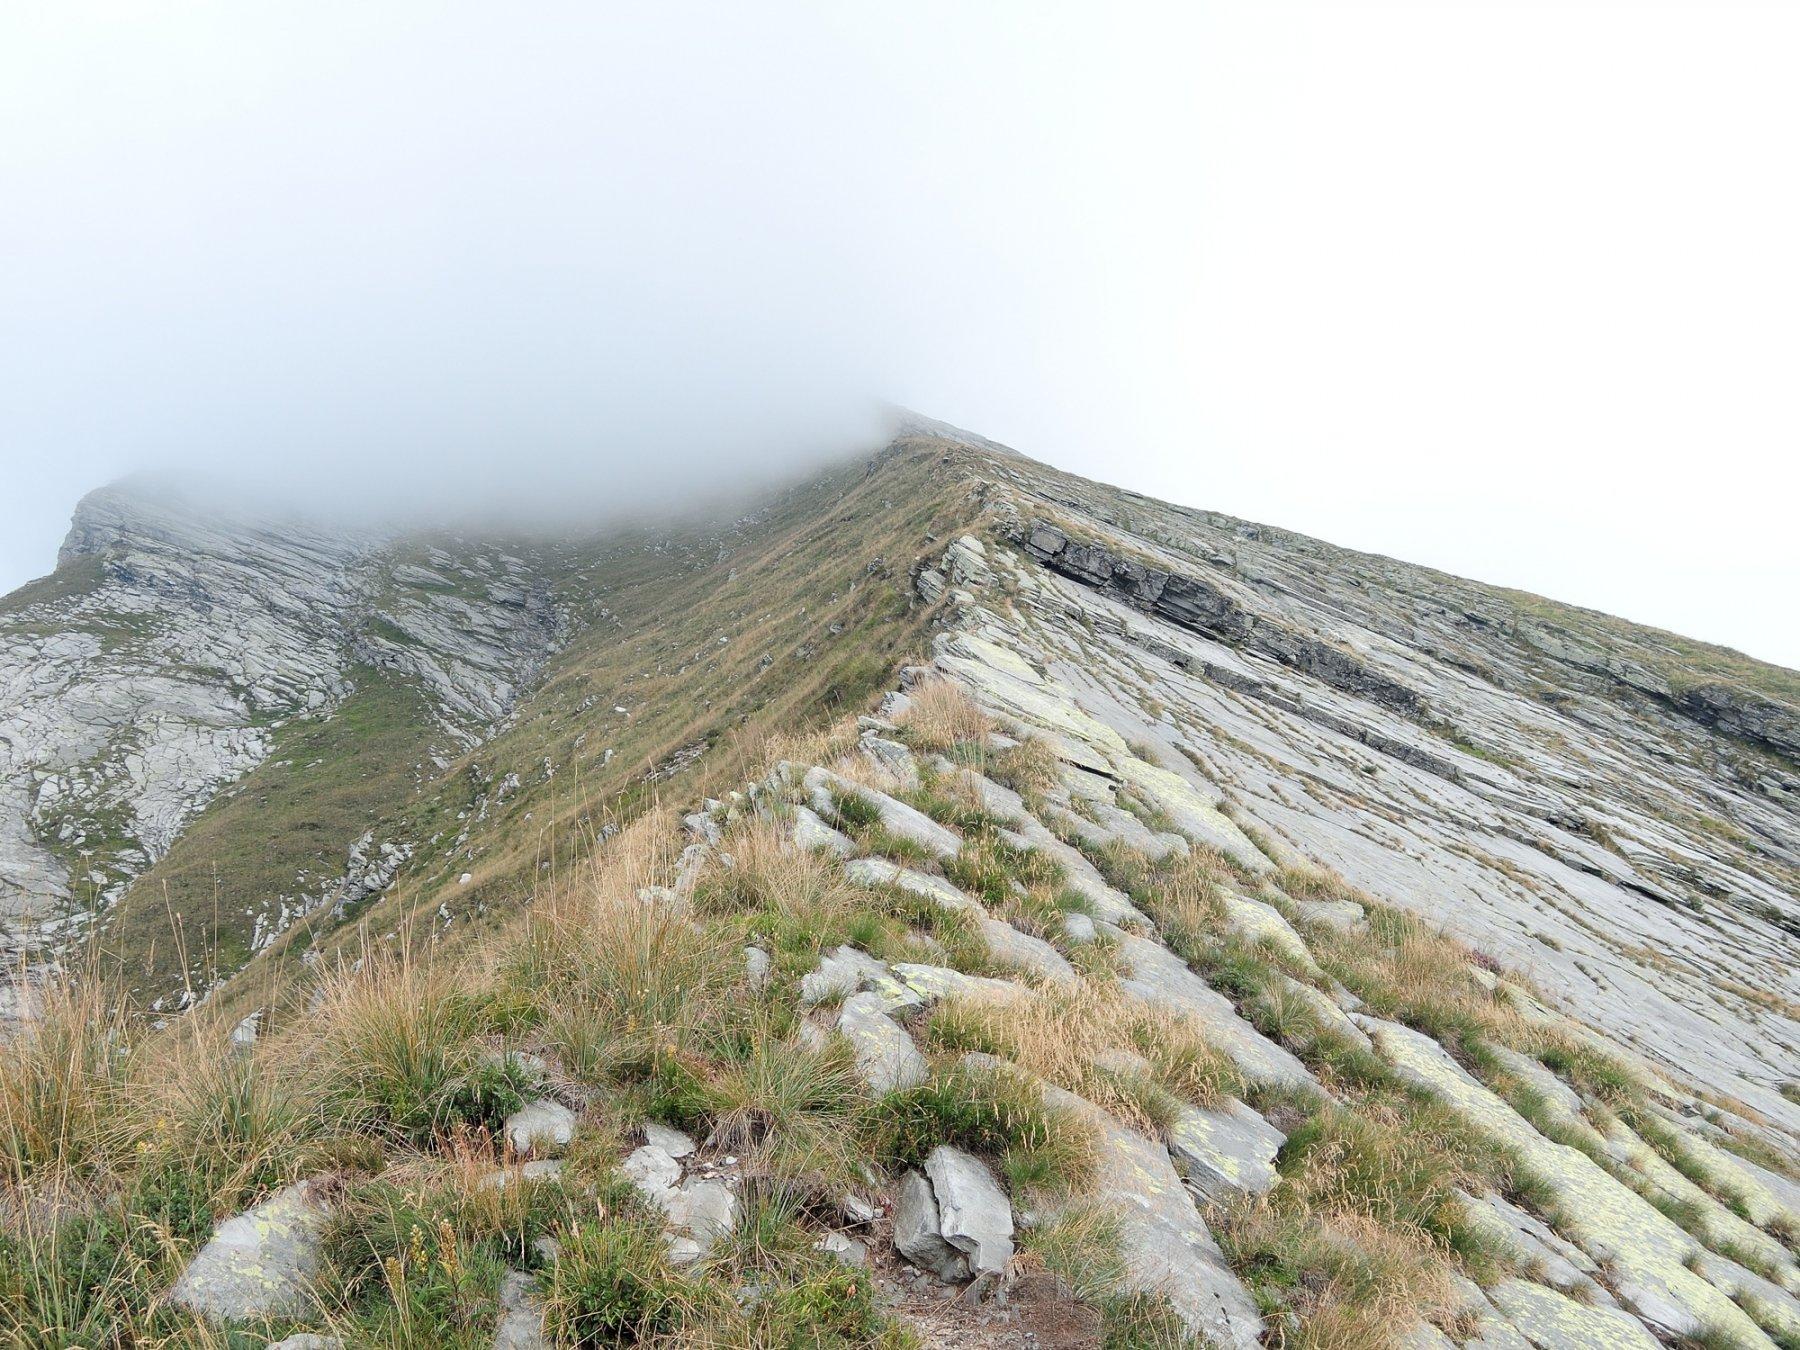 La cima anche stavolta nella nebbia